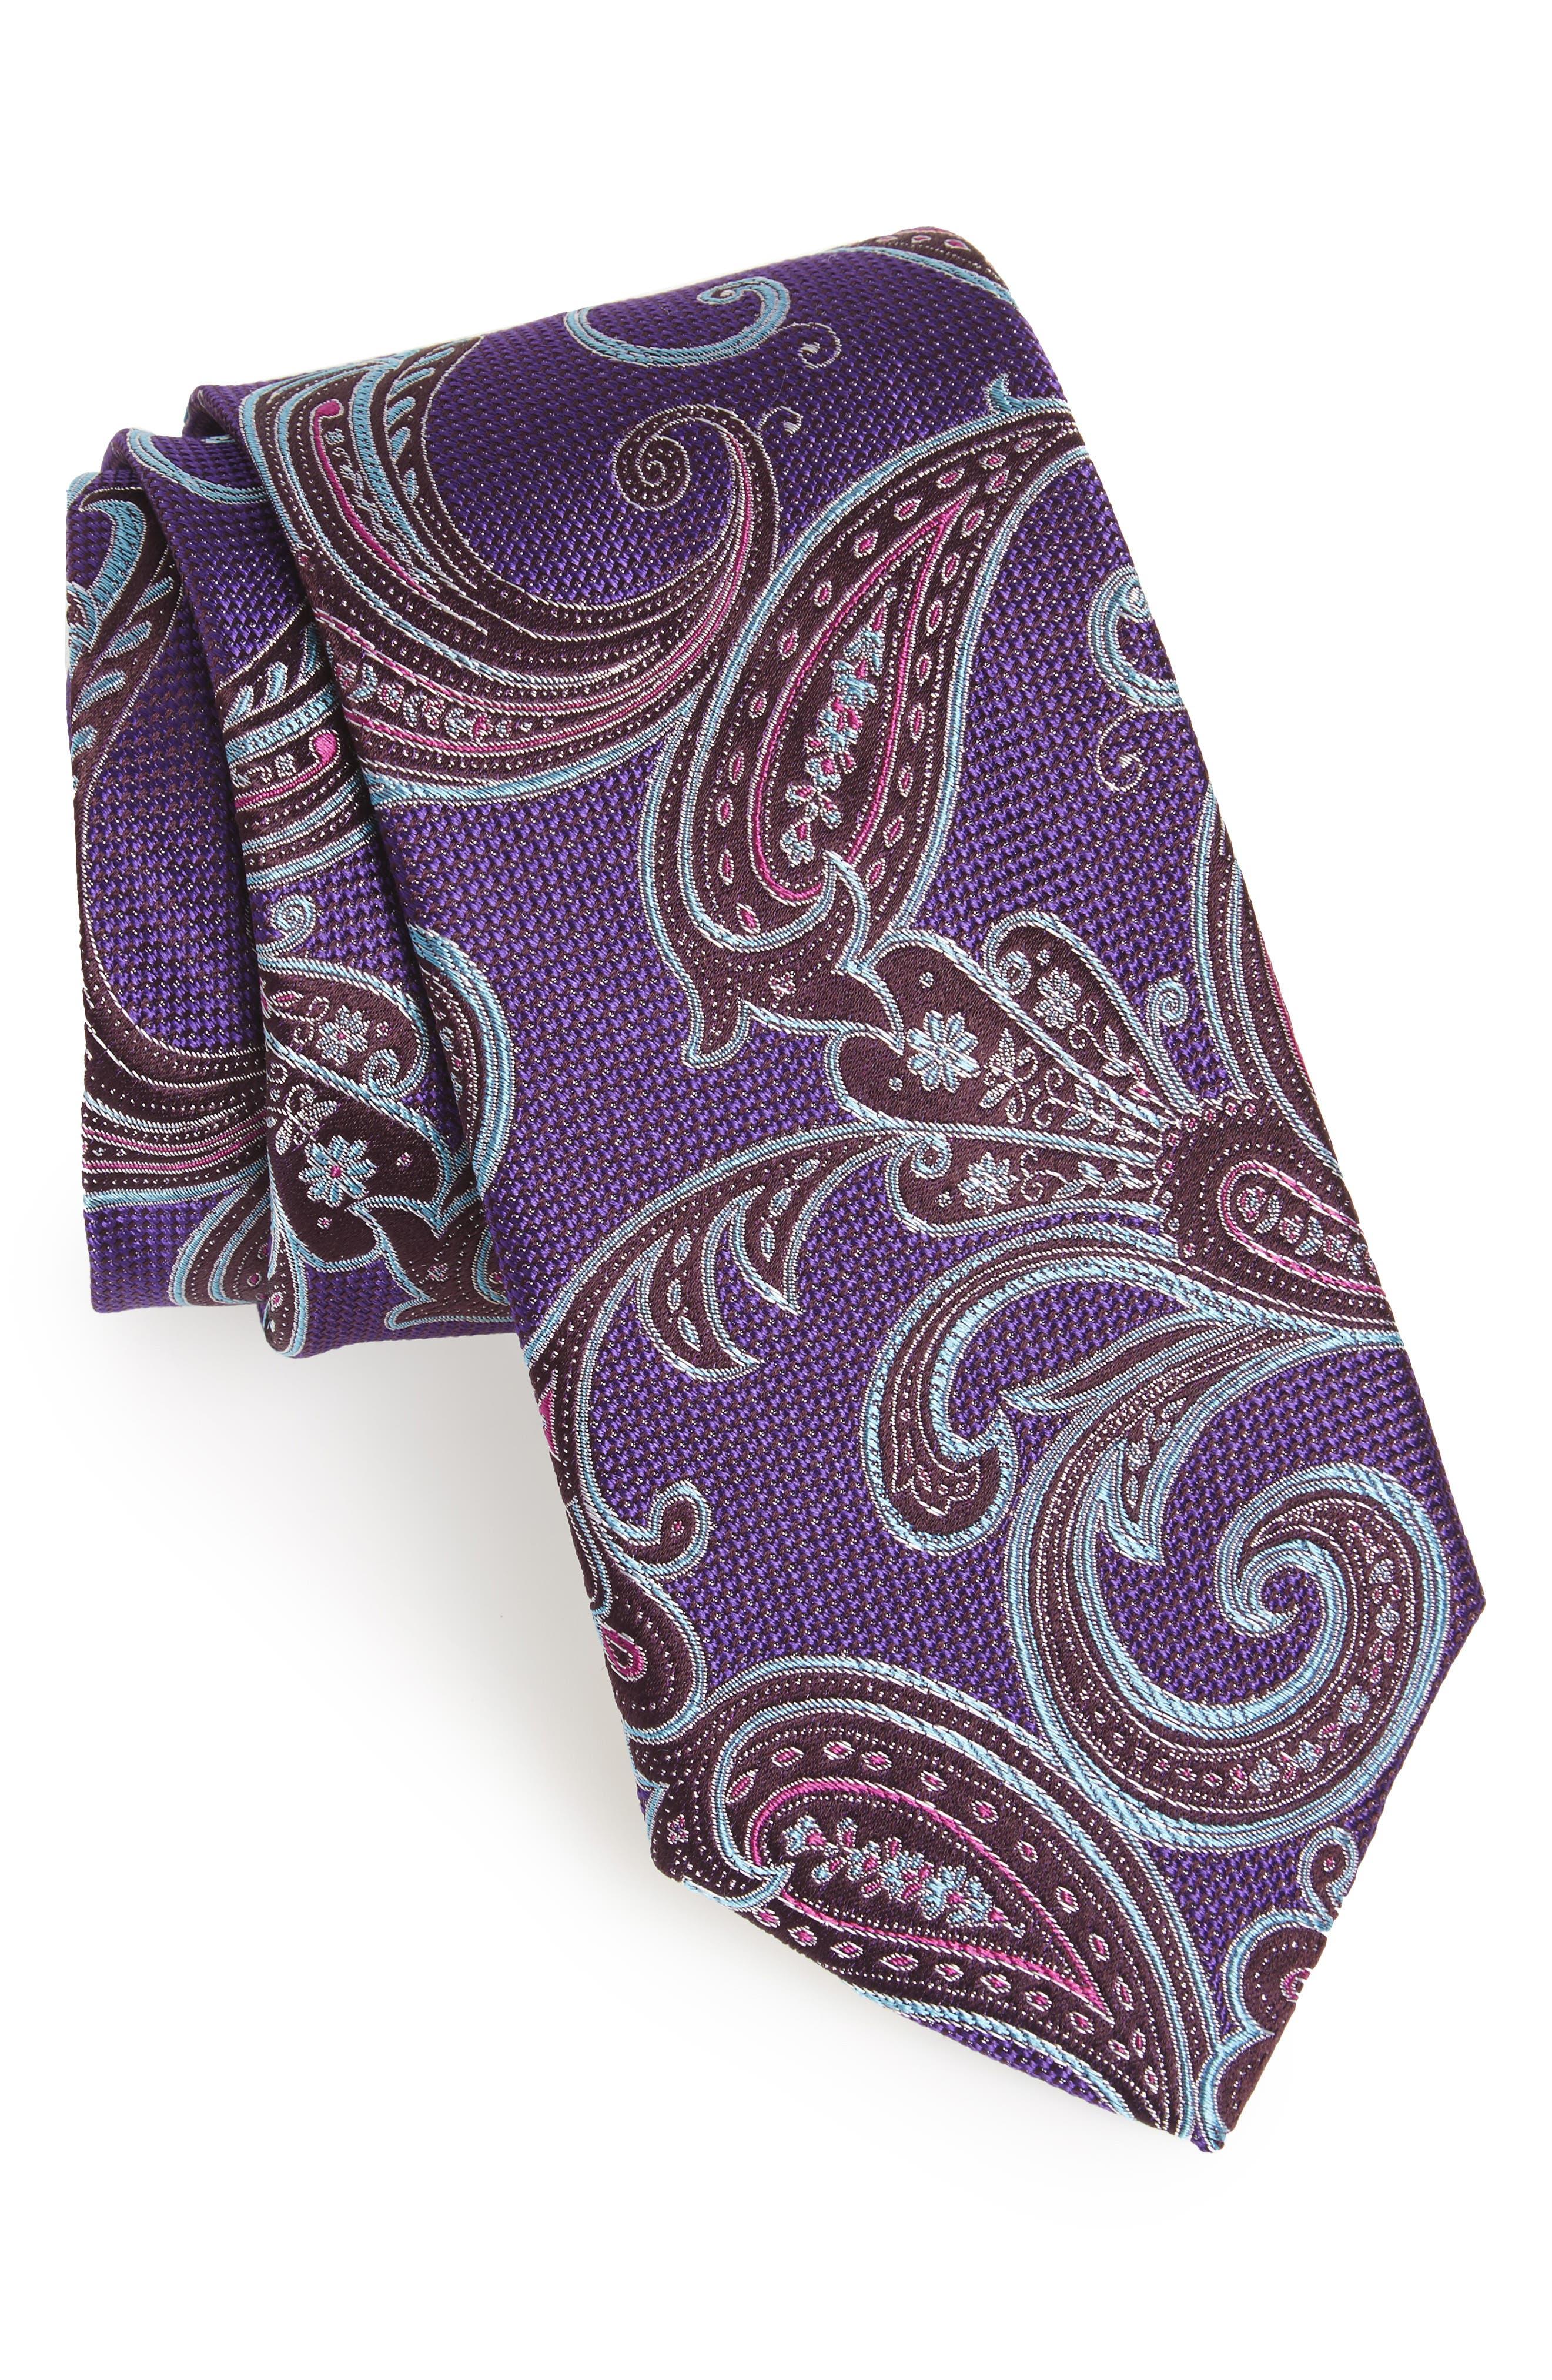 Alternate Image 1 Selected - Nordstrom Men's Shop Bennett Paisley Silk Tie (X-Long)